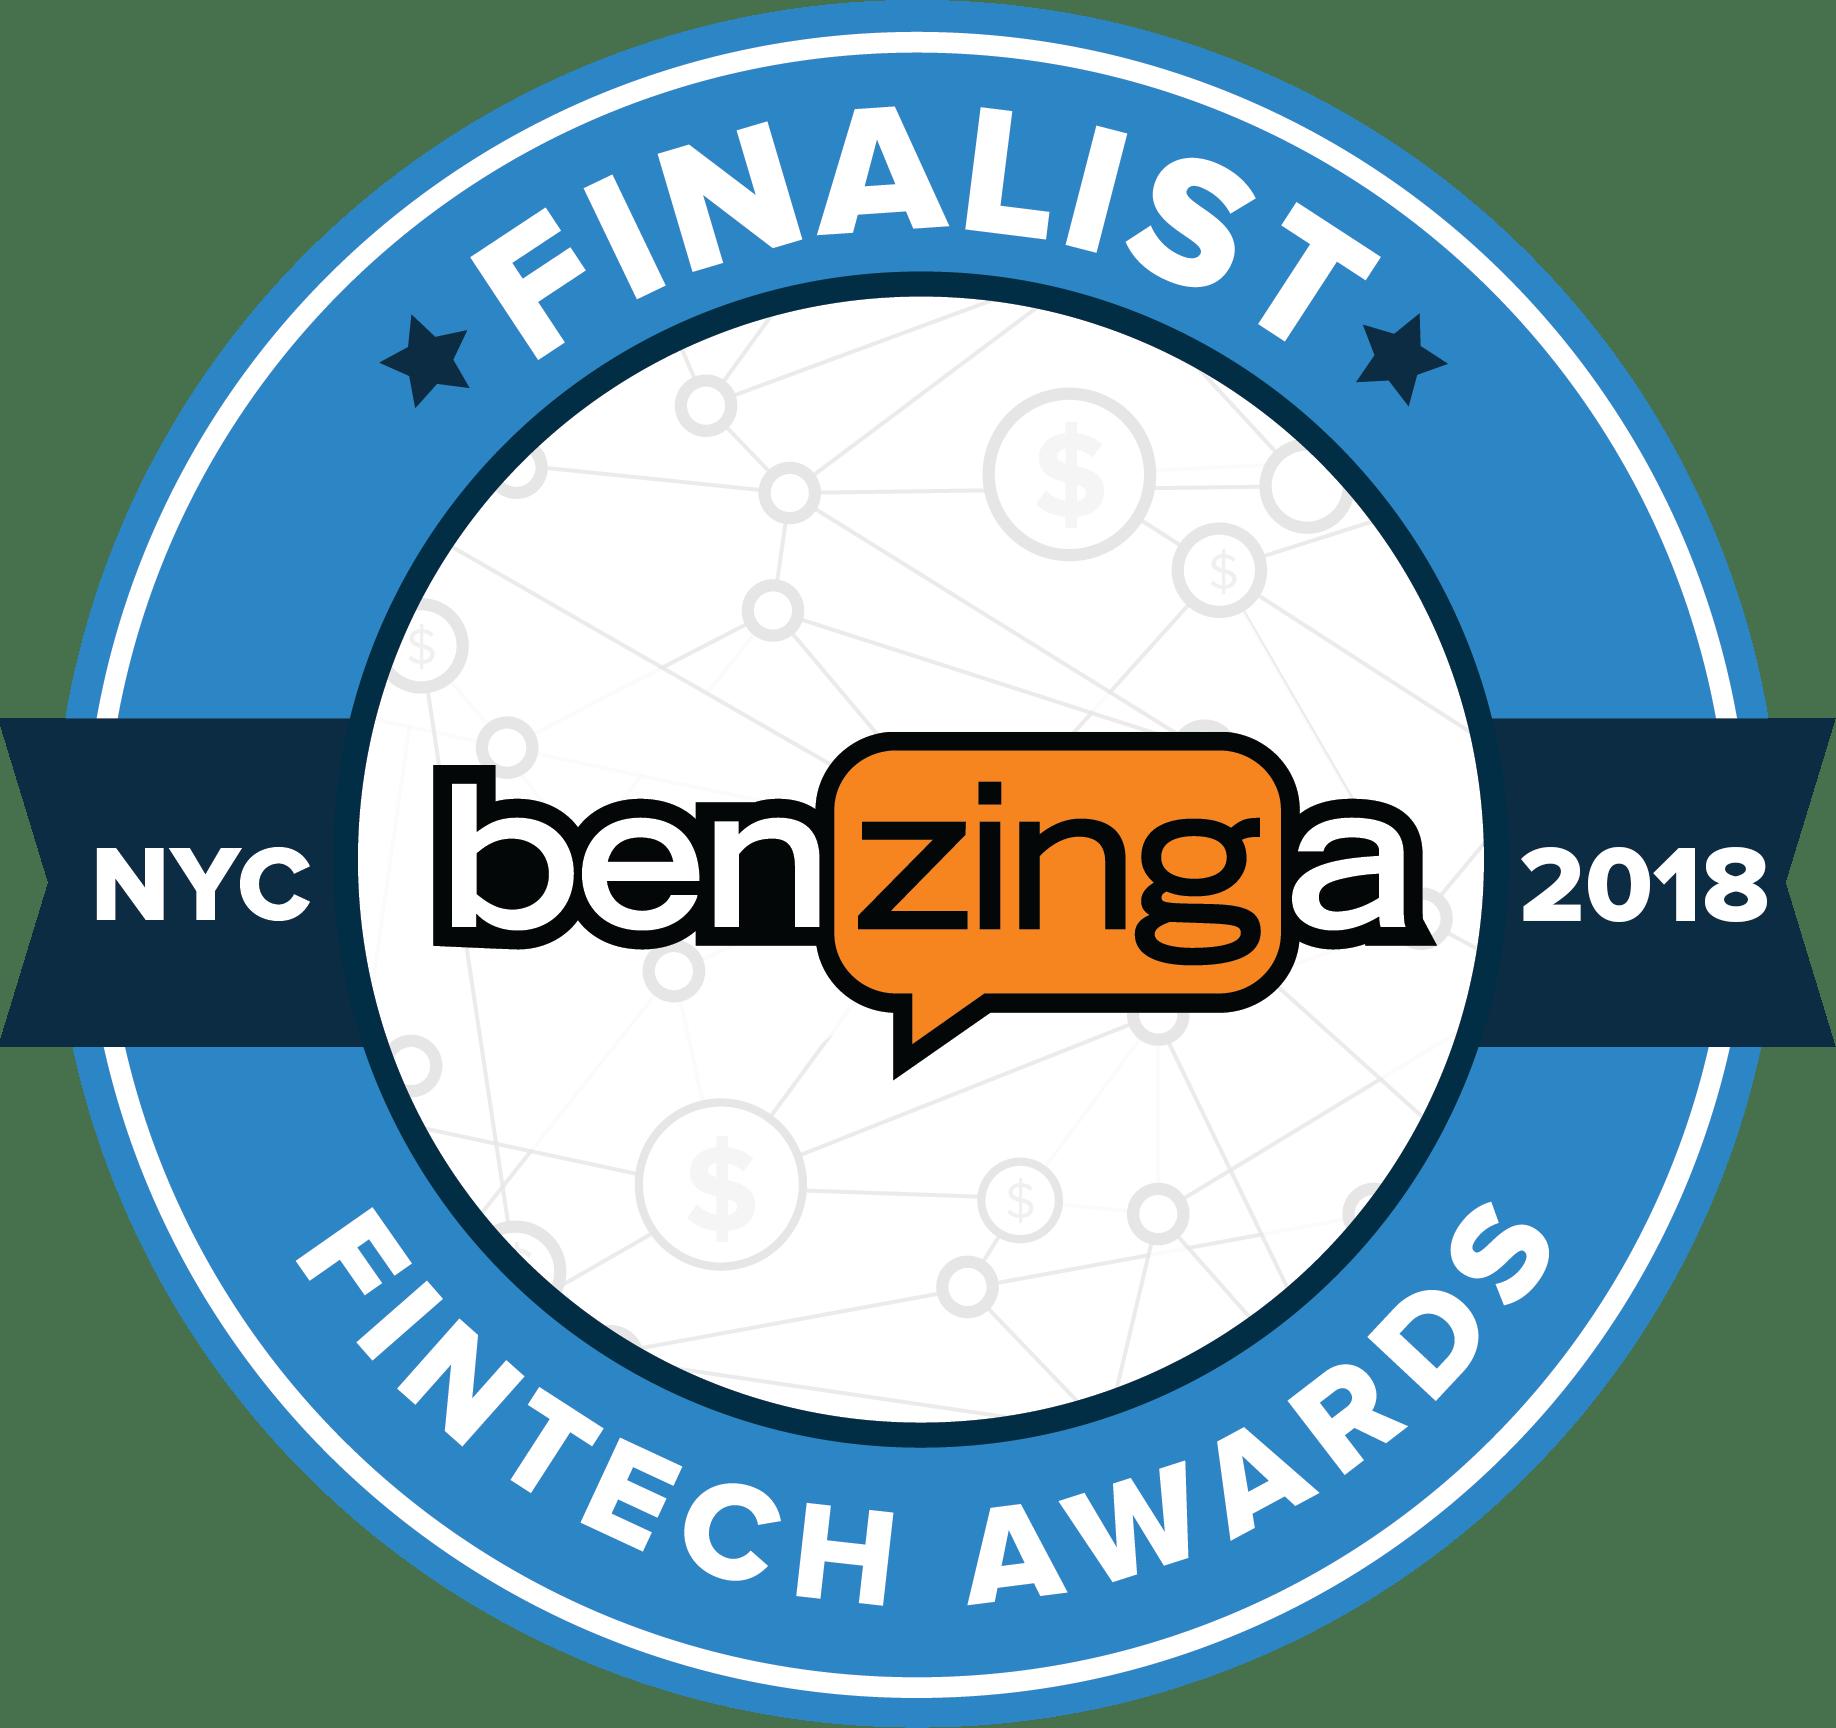 Benzinga Fintech 2018 Finalist